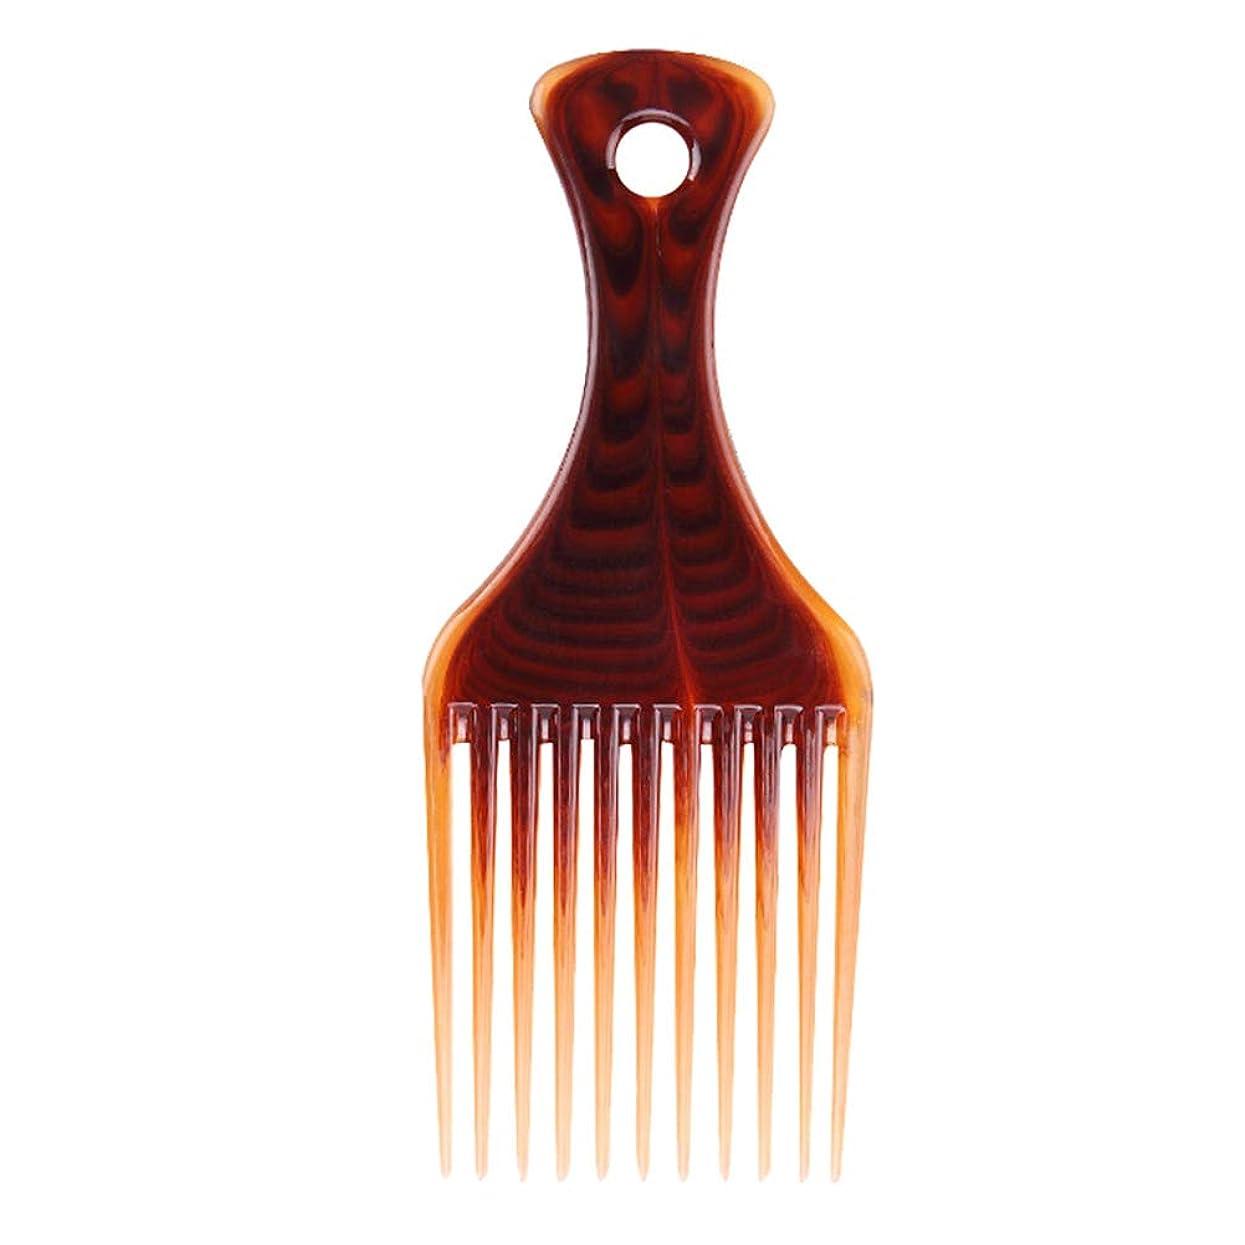 セクタ旋回ロンドンSUPVOX プラスチックワイドトゥースコームサロン理容ブラシヘアスタイリング理髪フォークピッキング櫛(コーヒー)